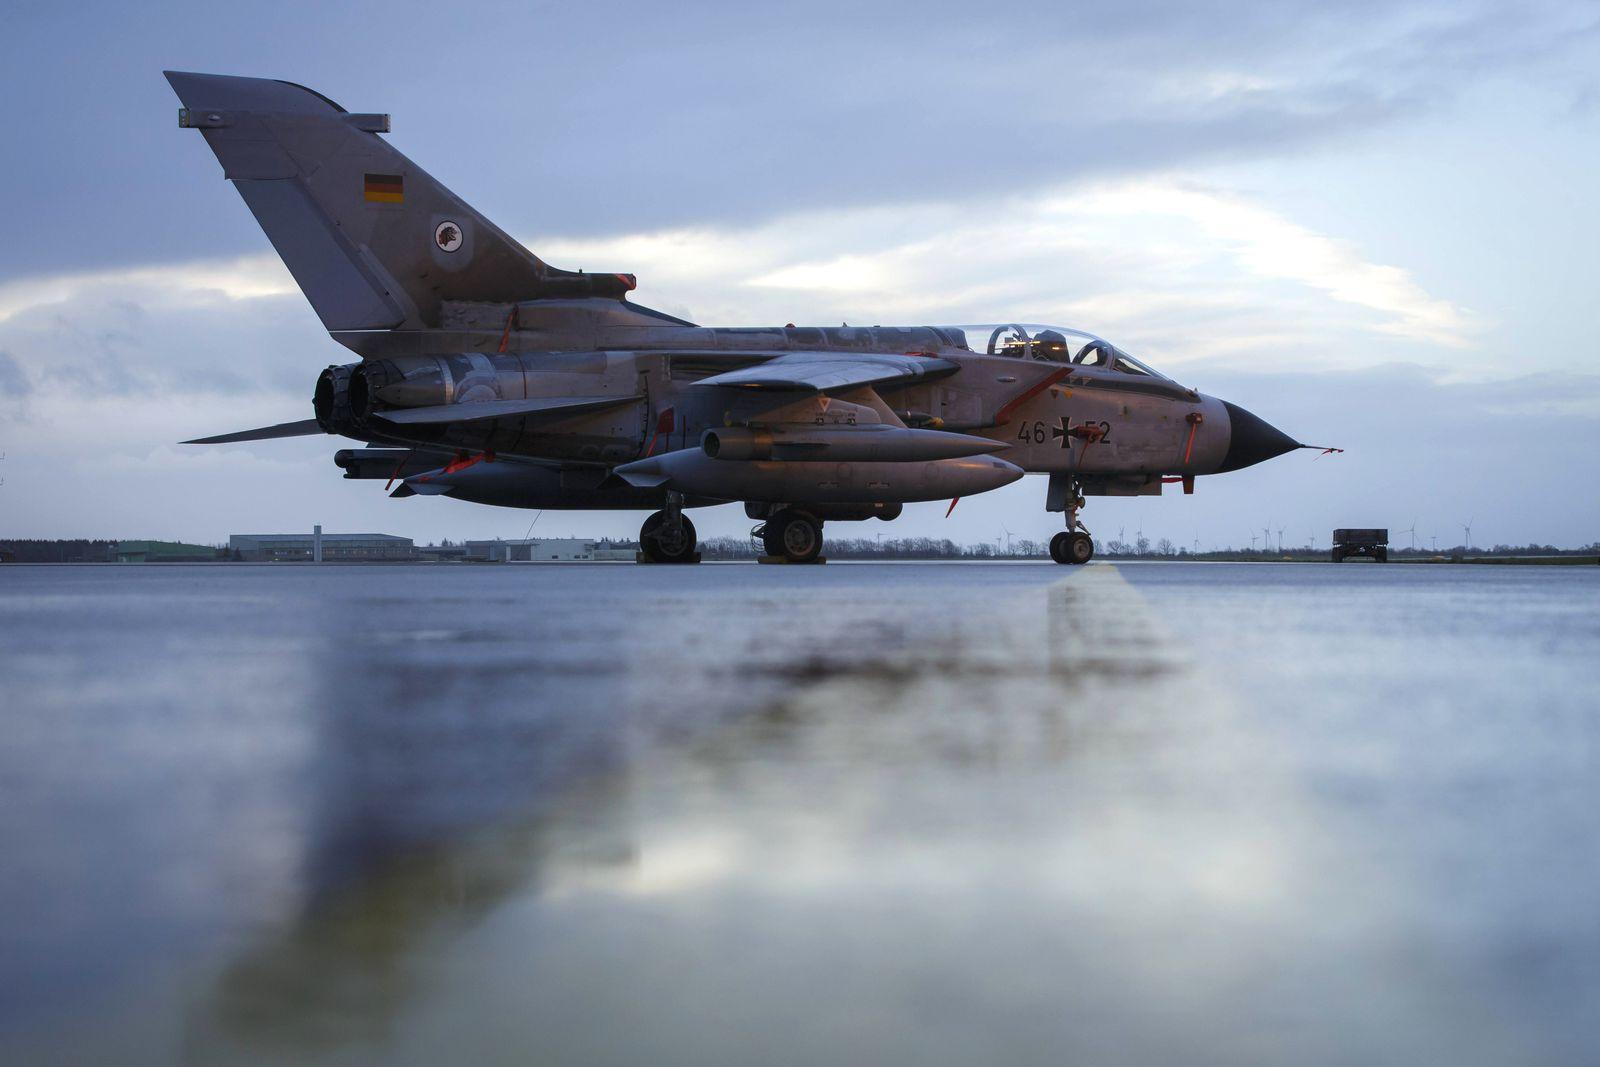 Taktisches Luftwaffengeschwader 51 Immelmann Ein Kampfflugzeug vom Typ Tornado mit einem Aufklaeru